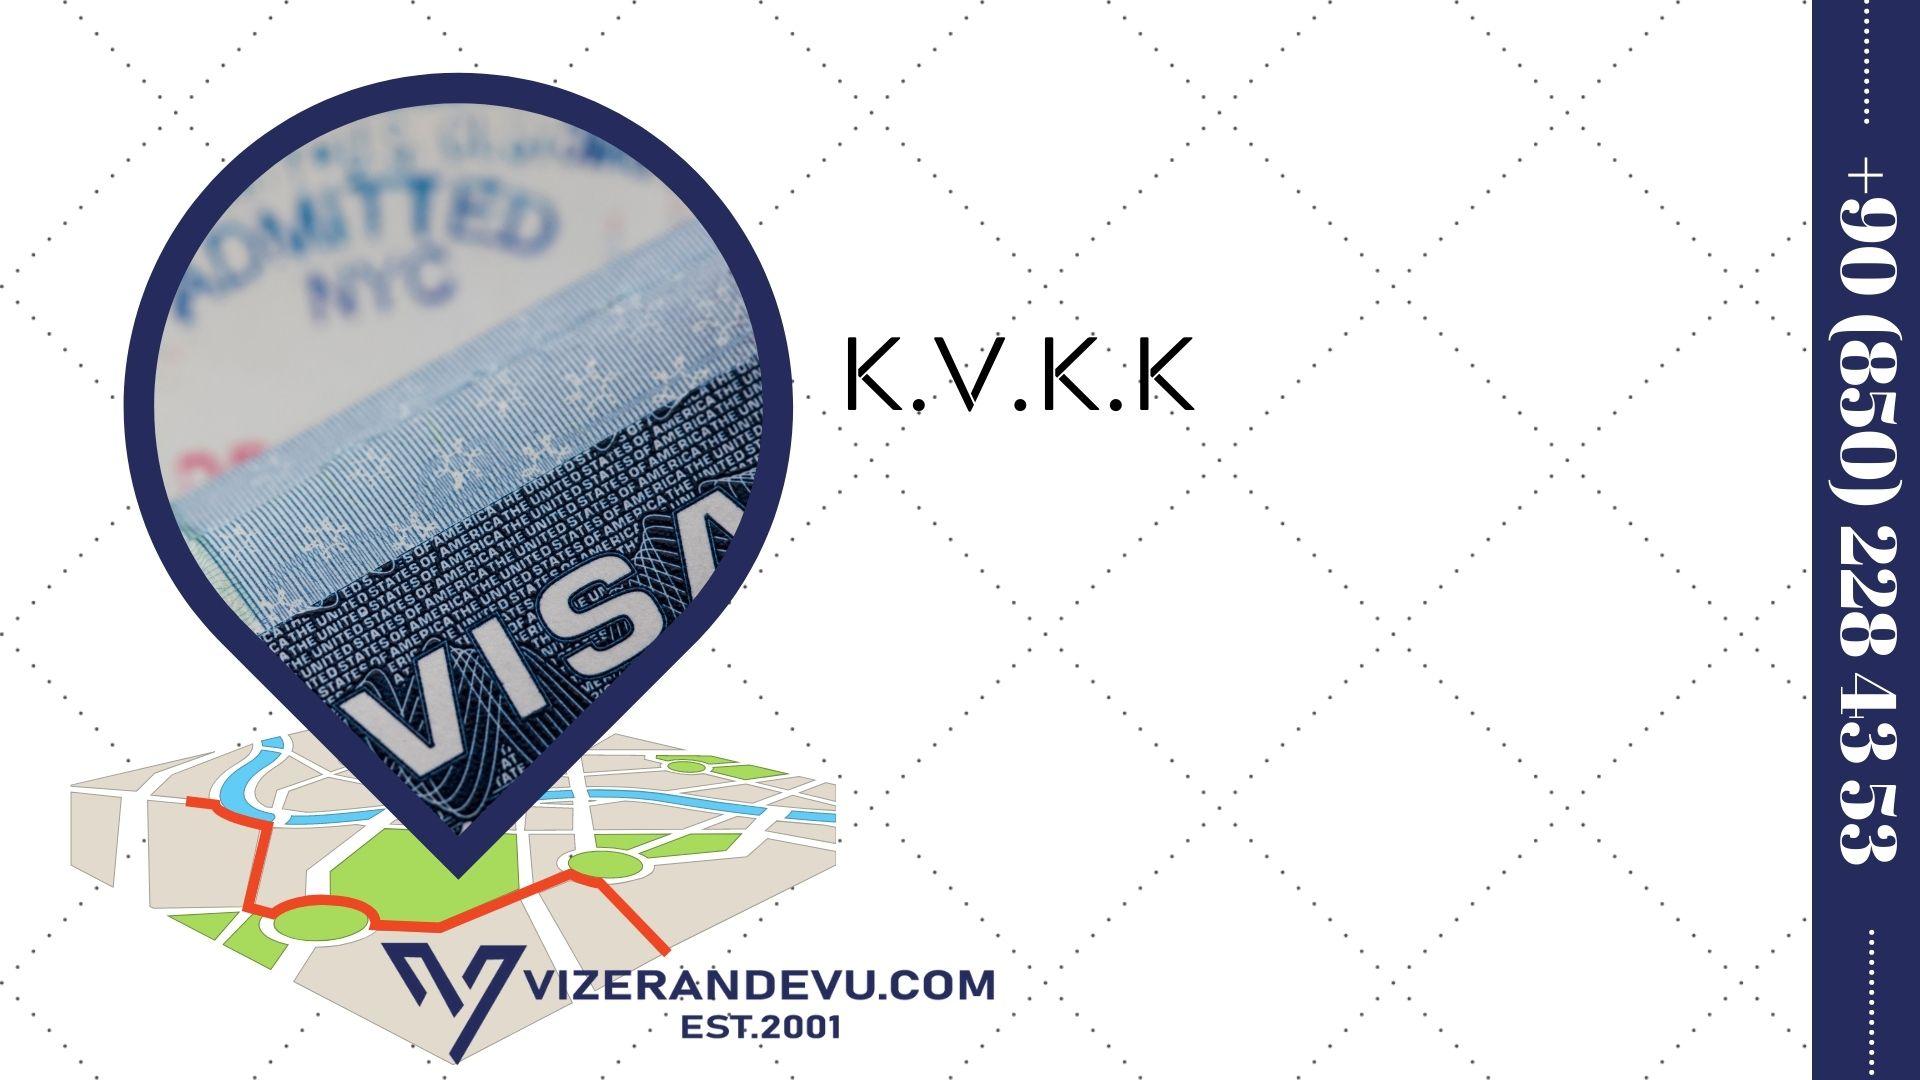 K.V.K.K